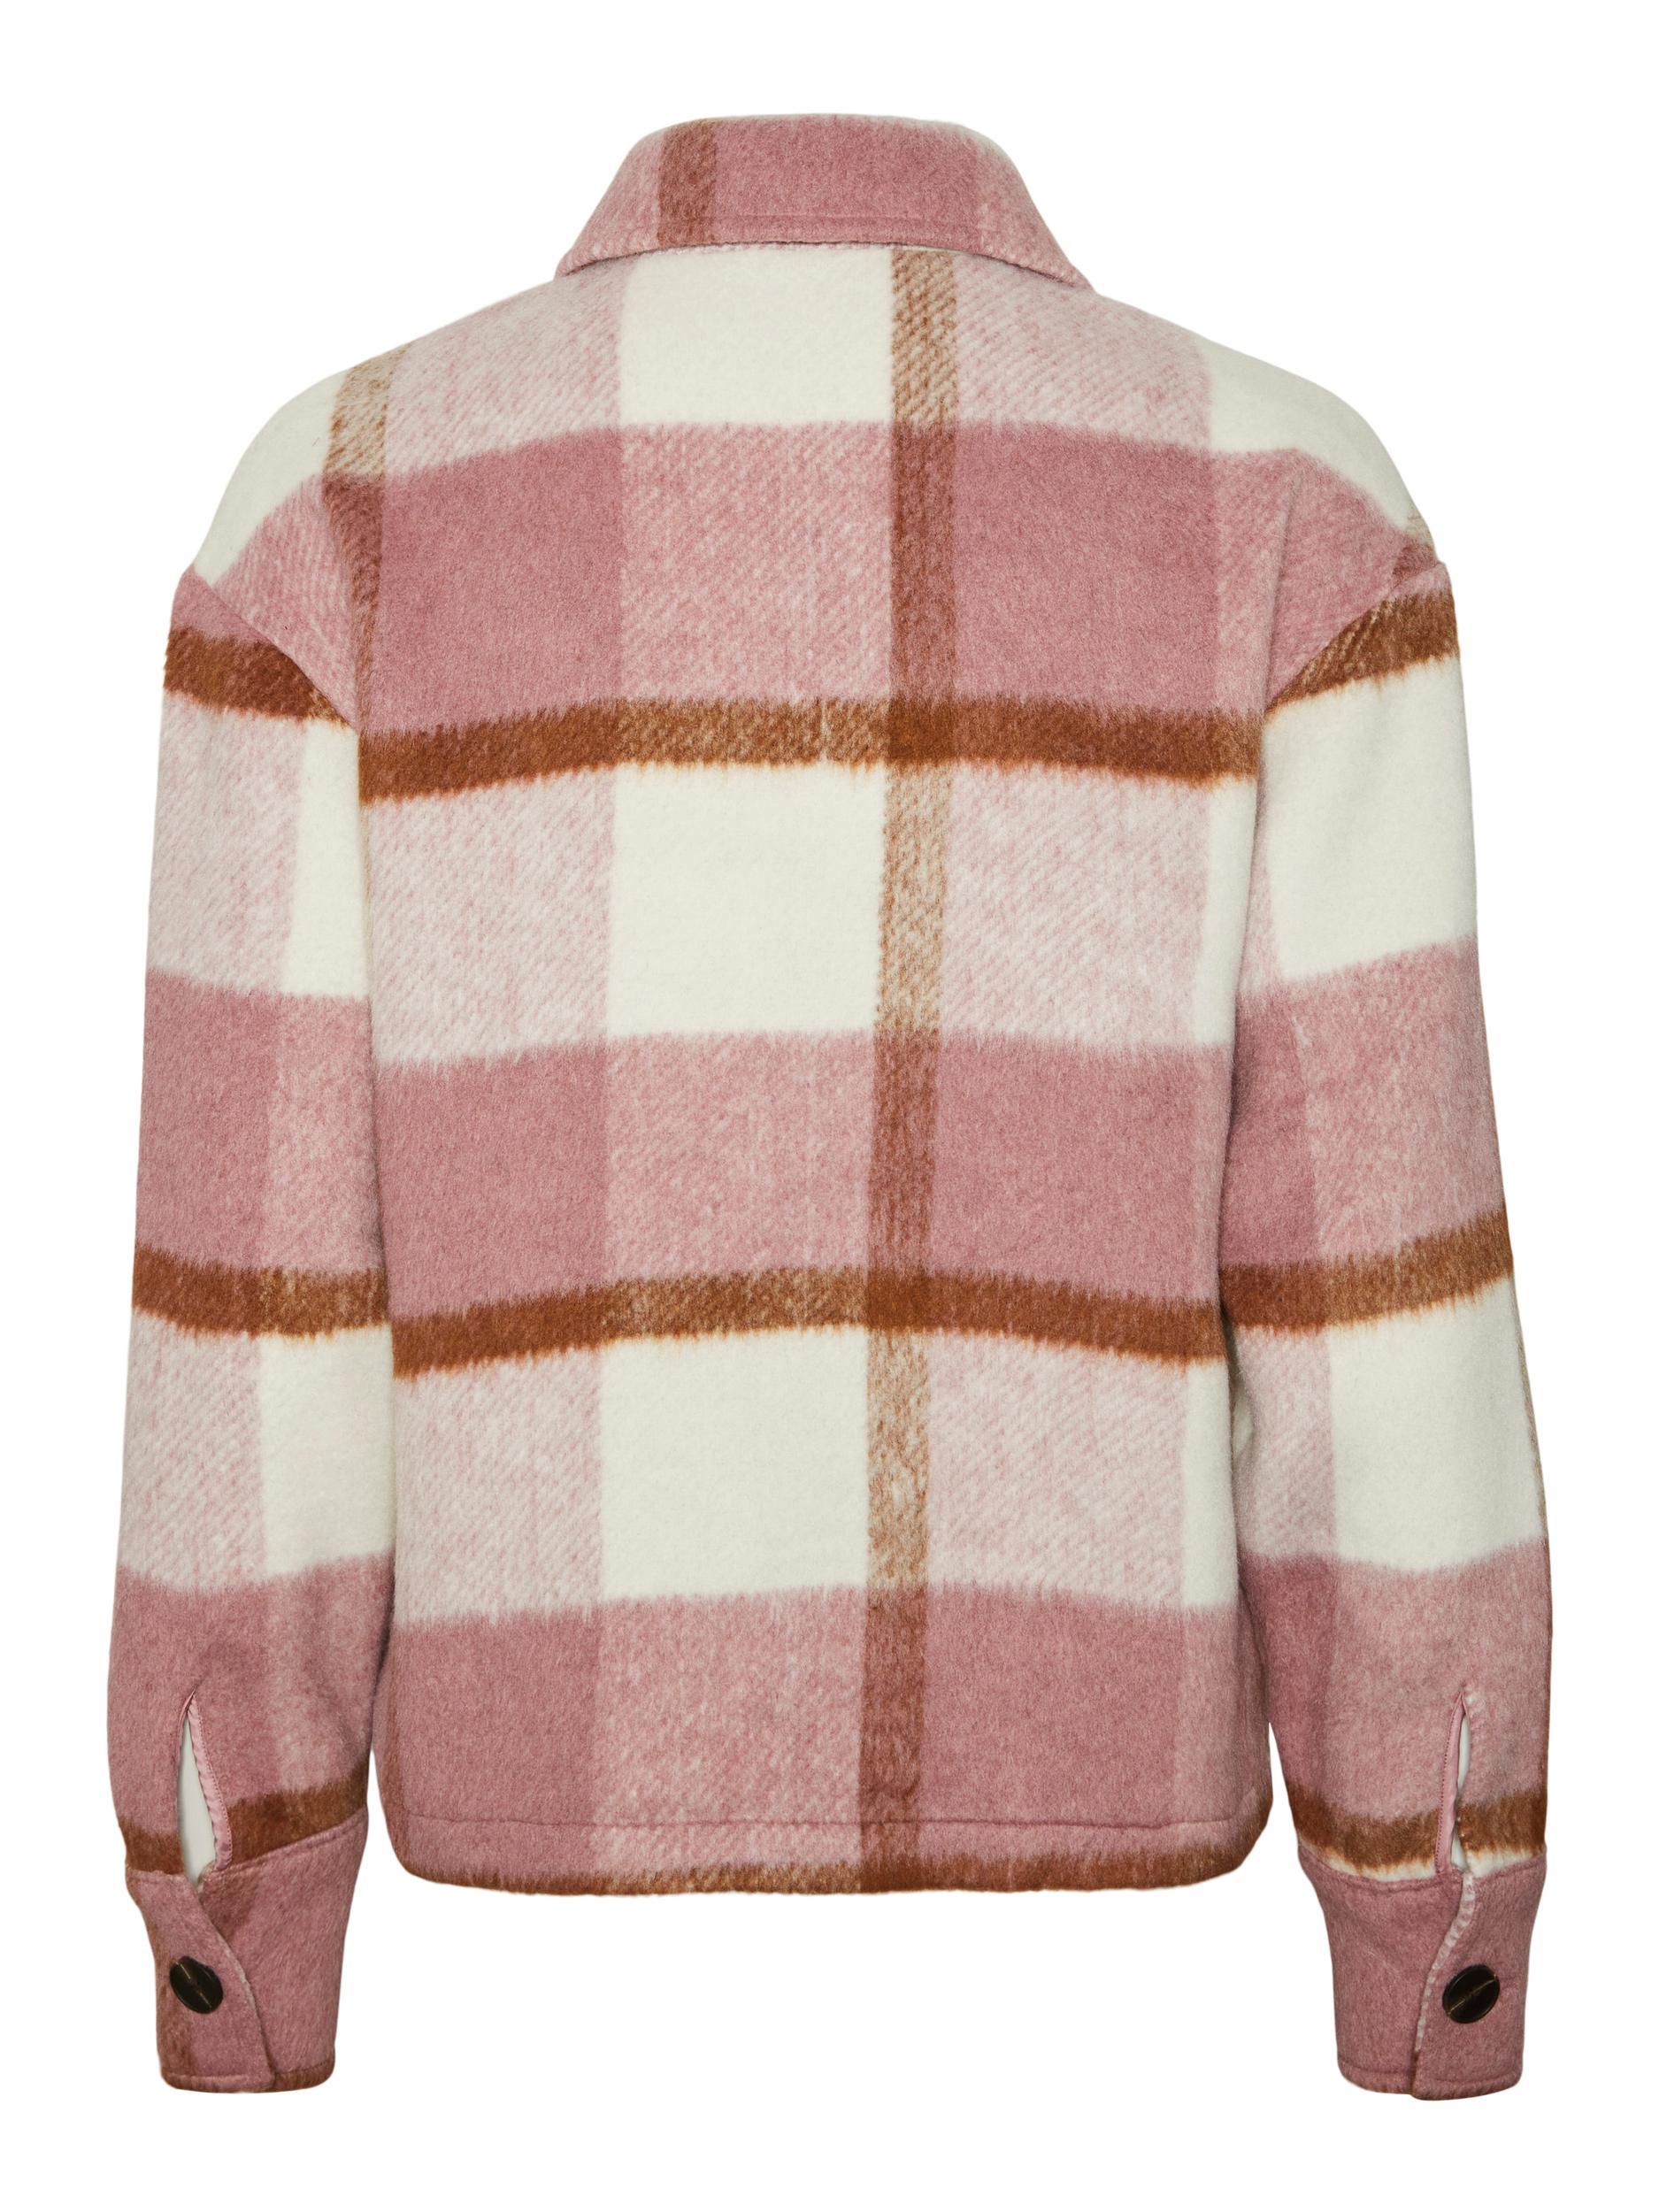 Vero Moda Pernille jakke, mesa rose, small